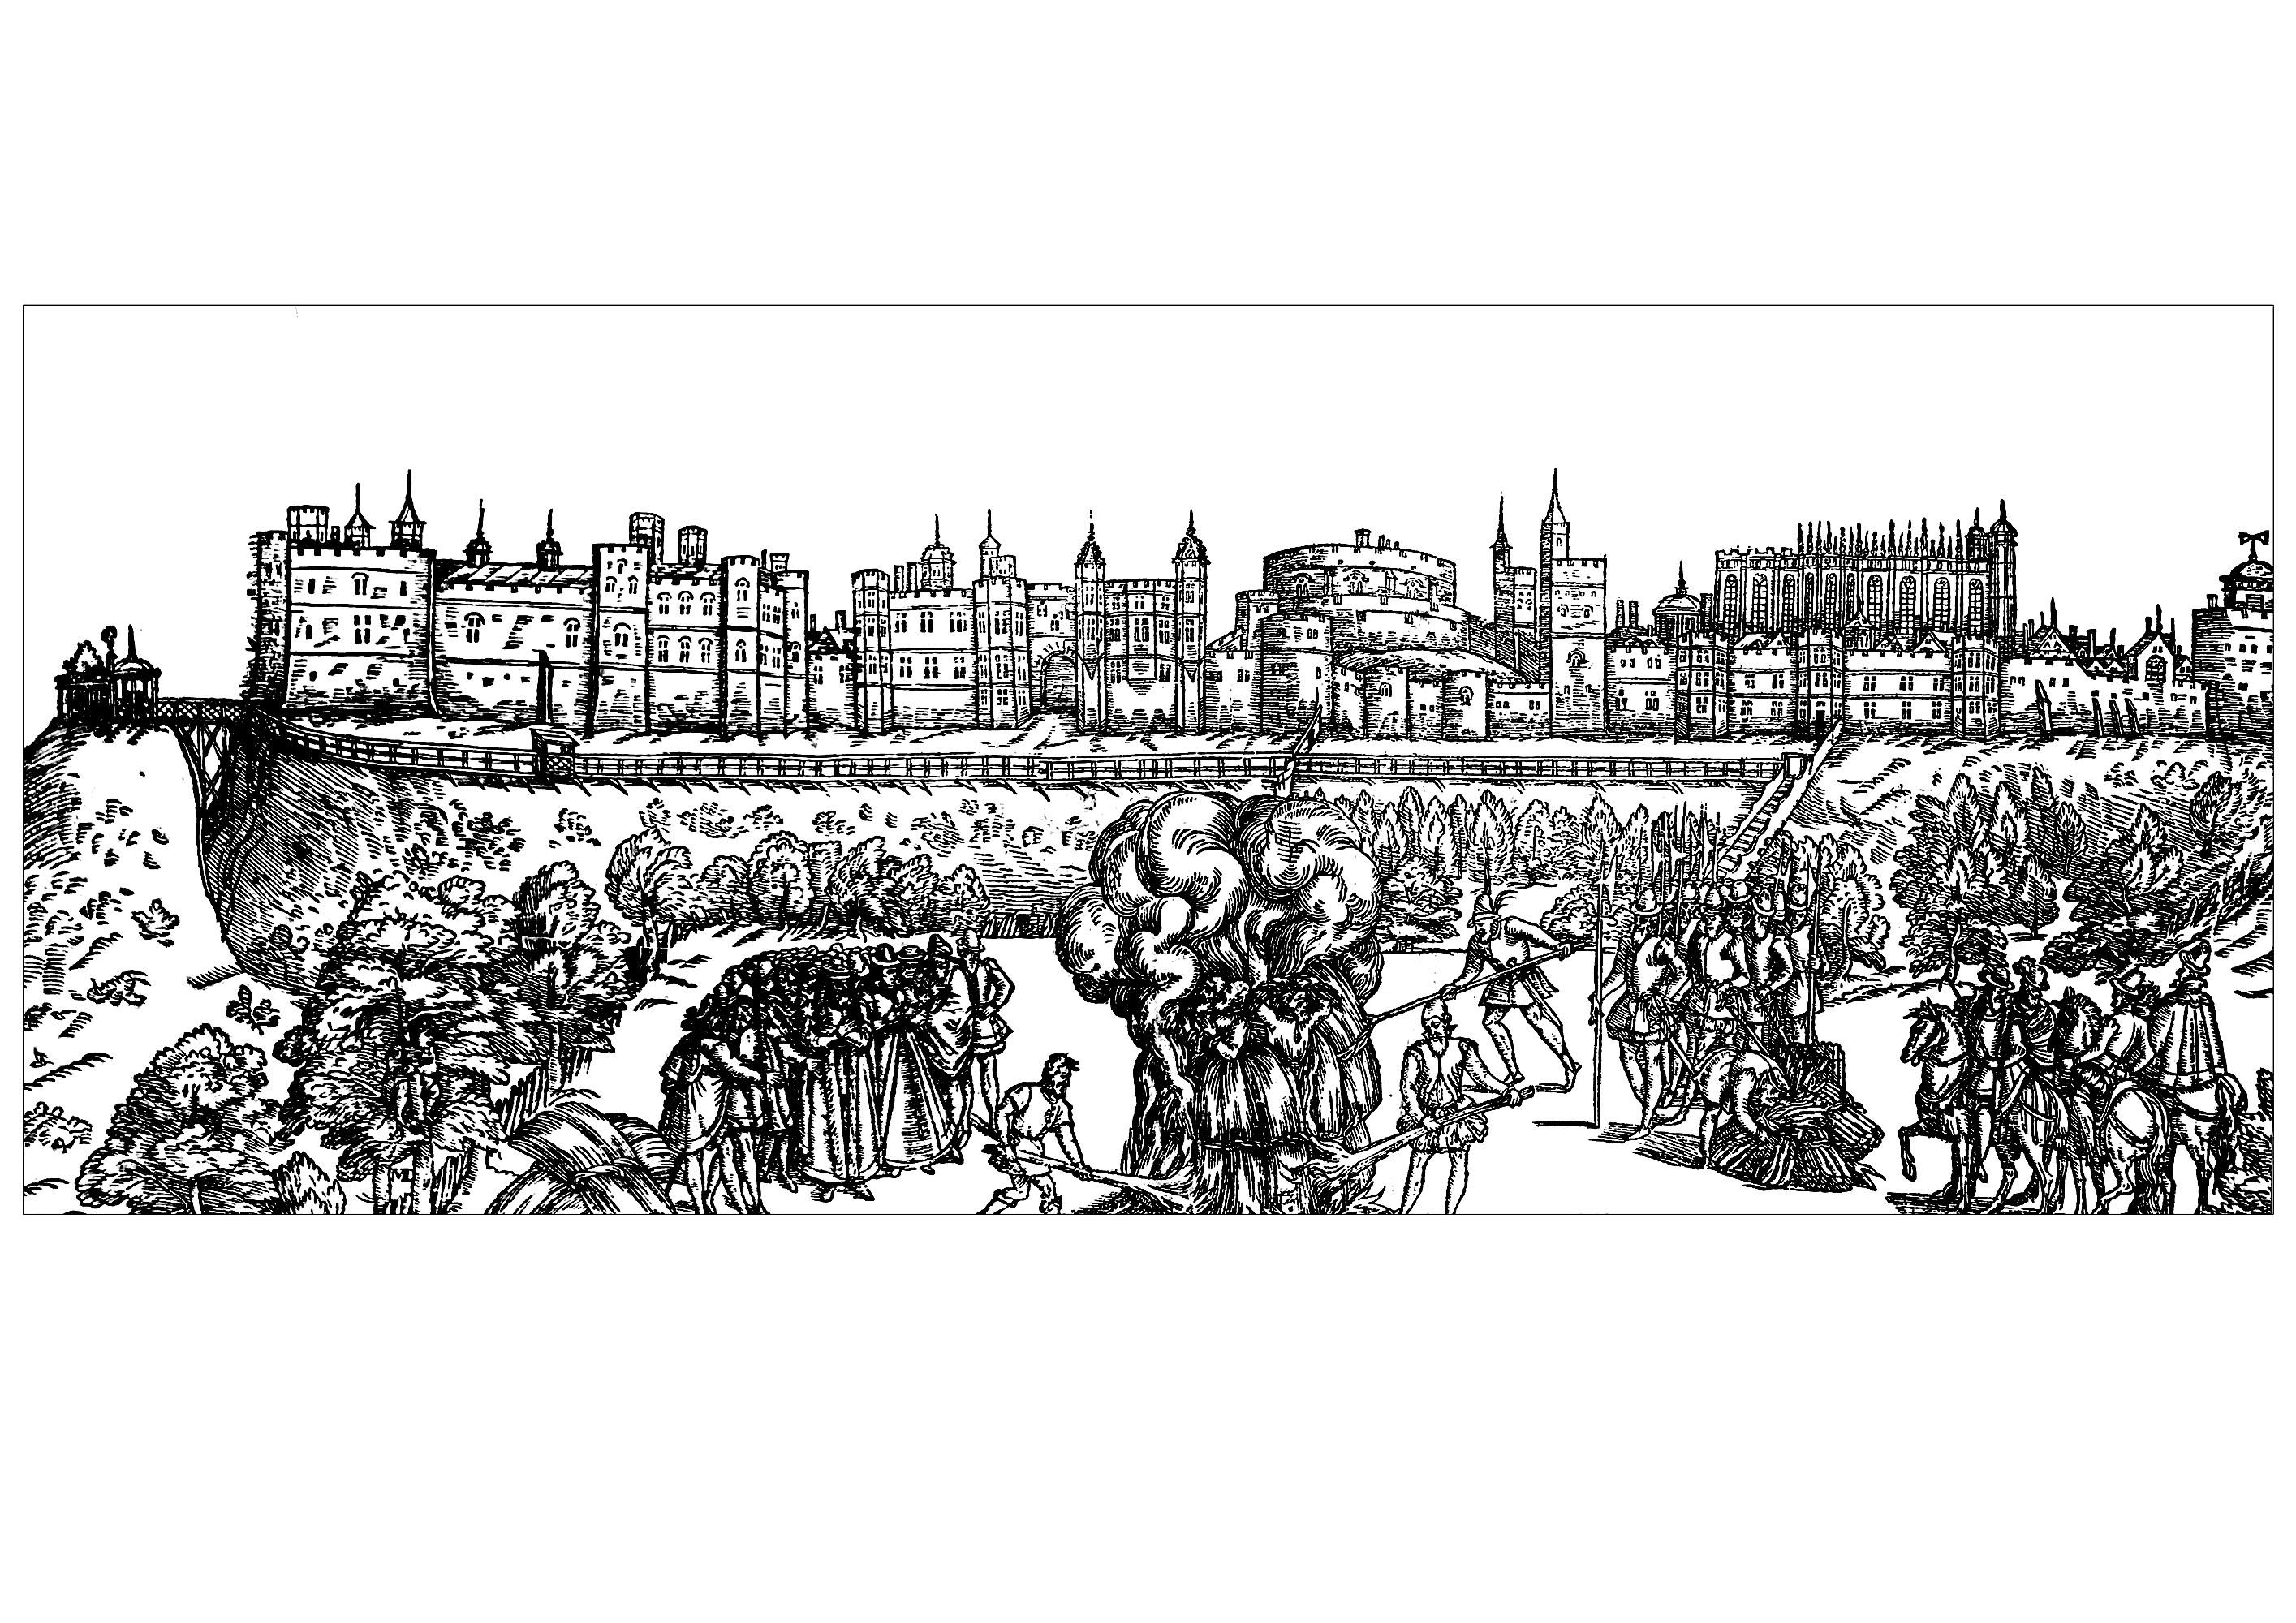 Dessin de 1570 représentant le Château de Windsor en Grande Bretagne, le plus grand château occupé du monde (par la reine Elisabeth II)